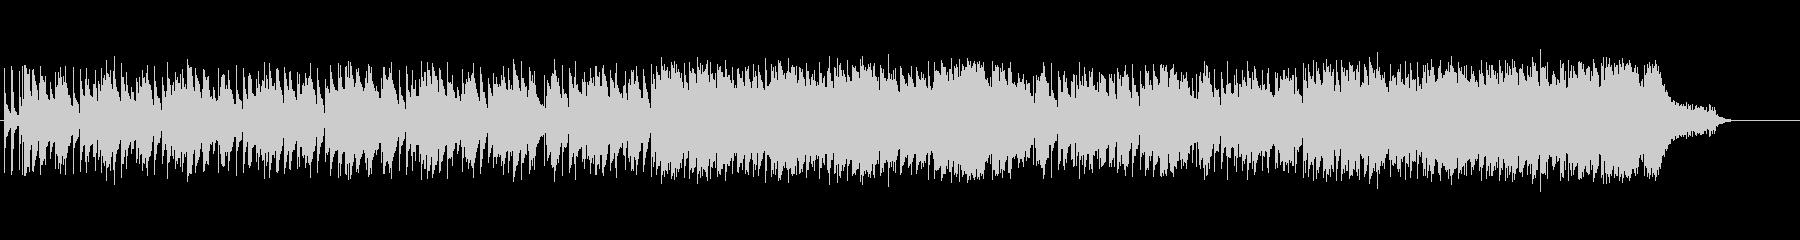 ハートウォームなピアノ・バラードの未再生の波形